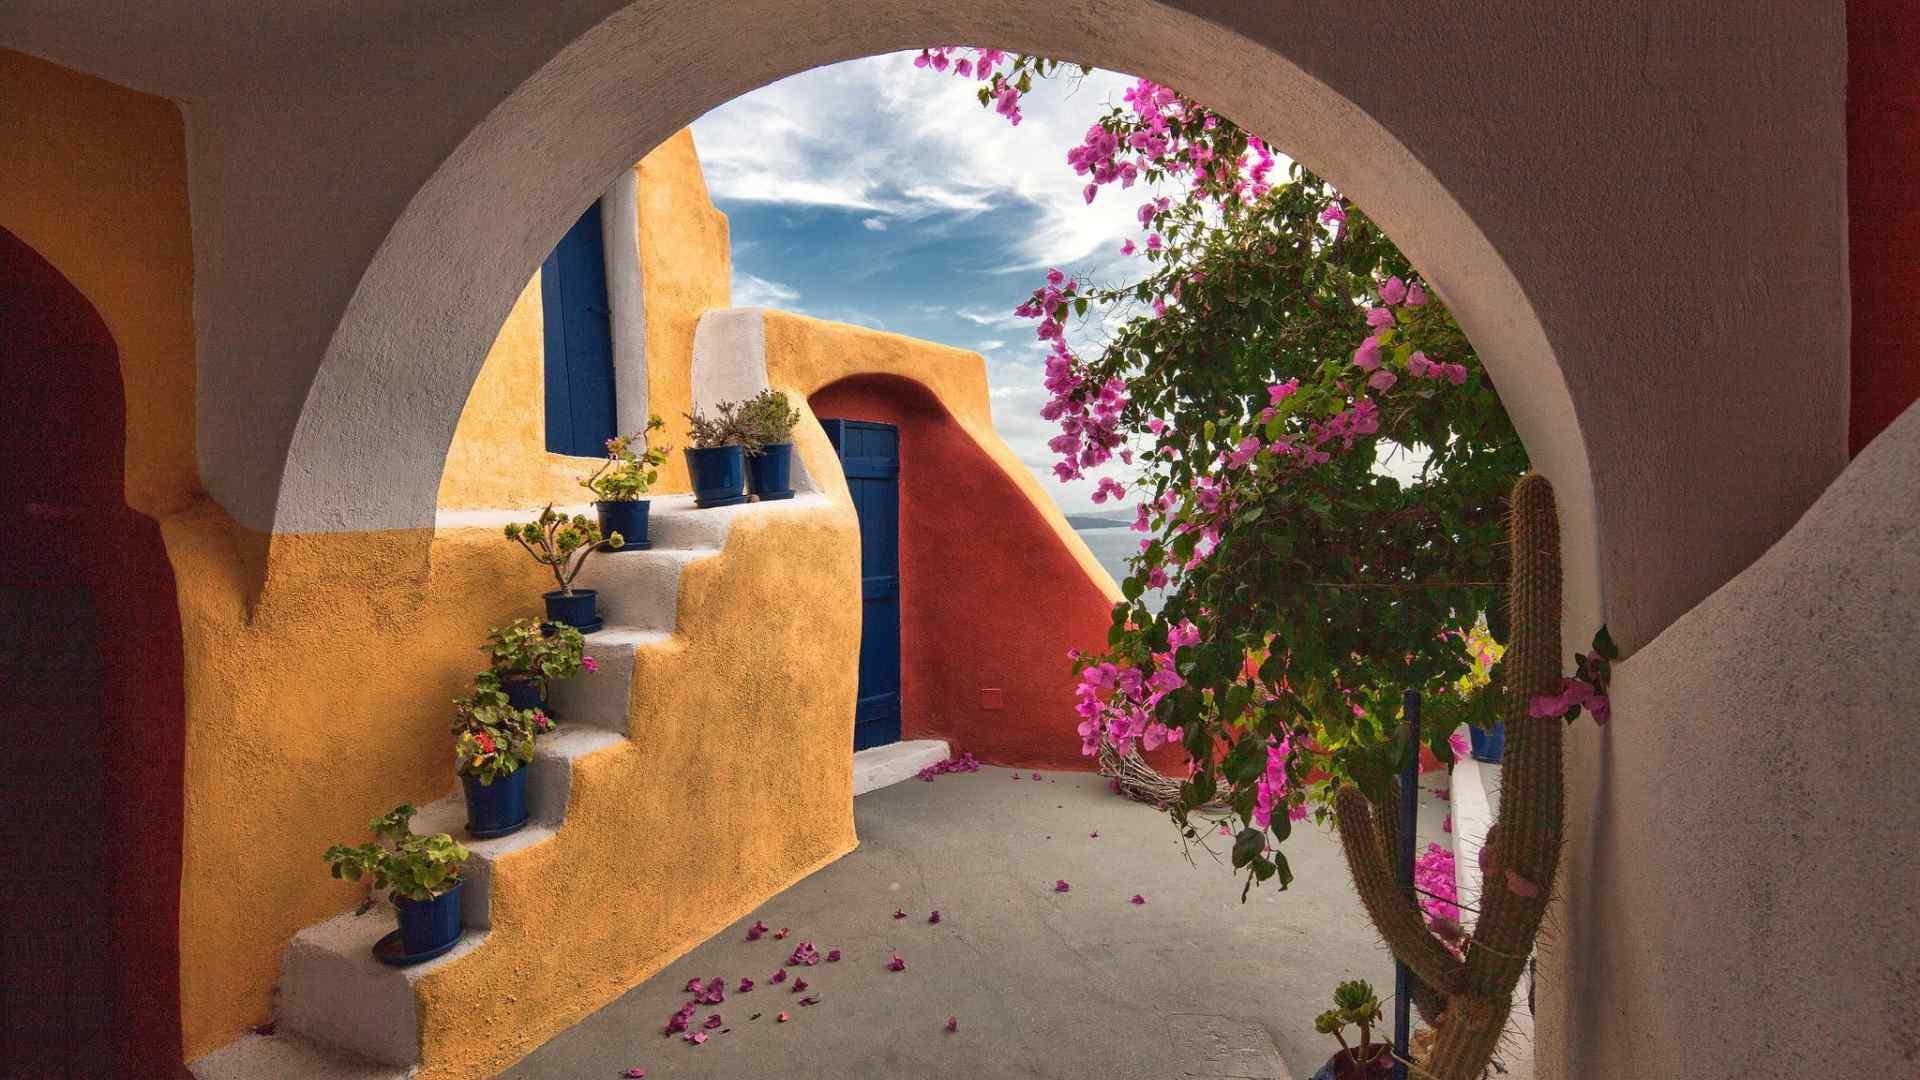 希腊庭院花草独特建筑风格桌面壁纸图片